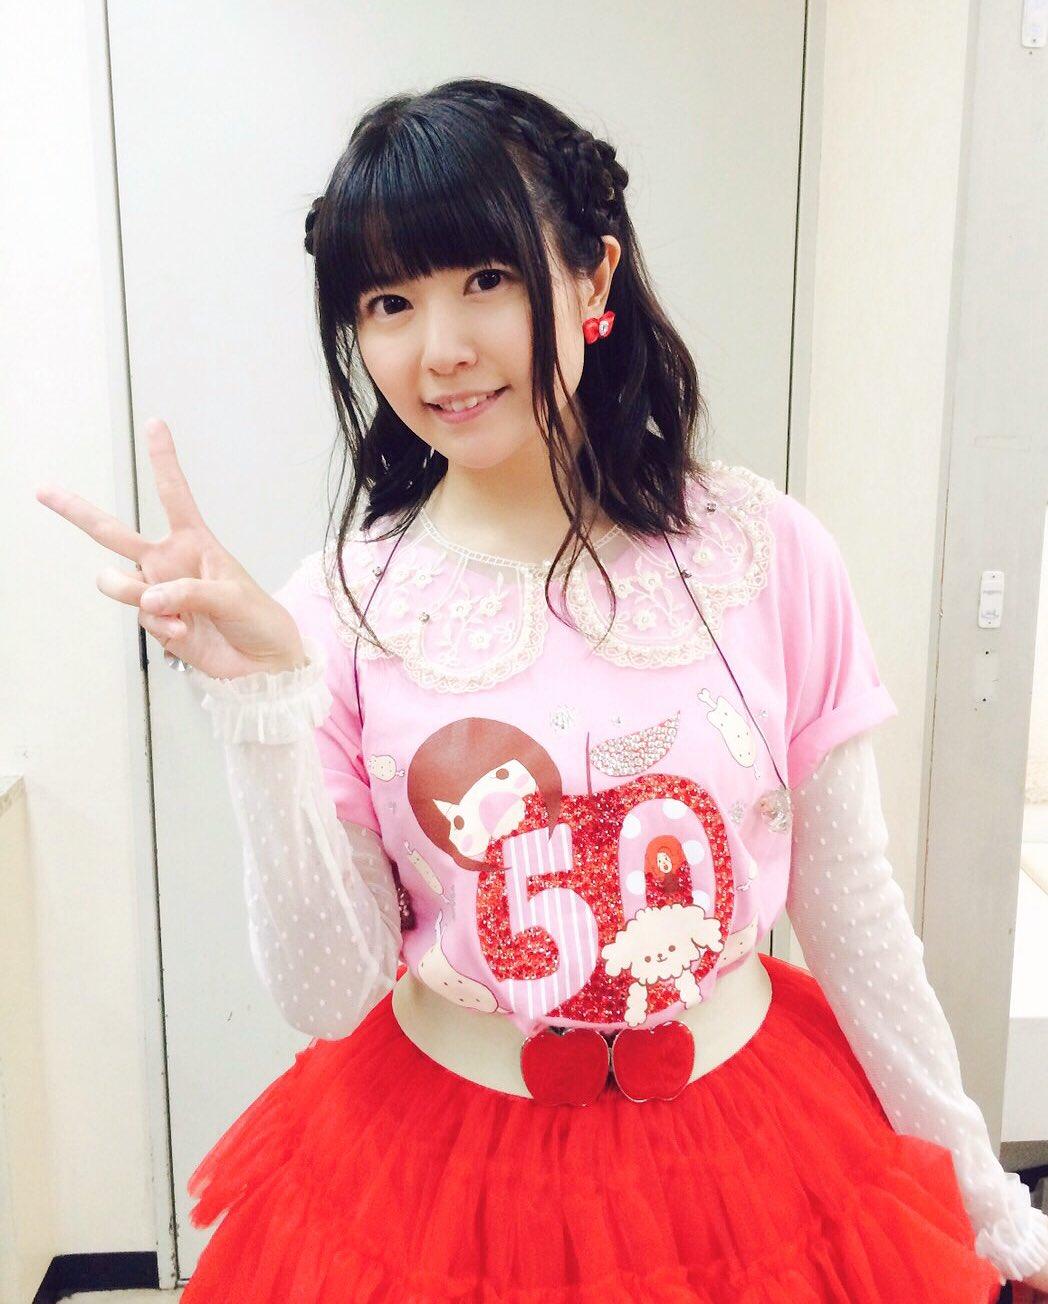 성우 타케타츠 아야나의 사진, 2016년 10월 9일 P's LI..